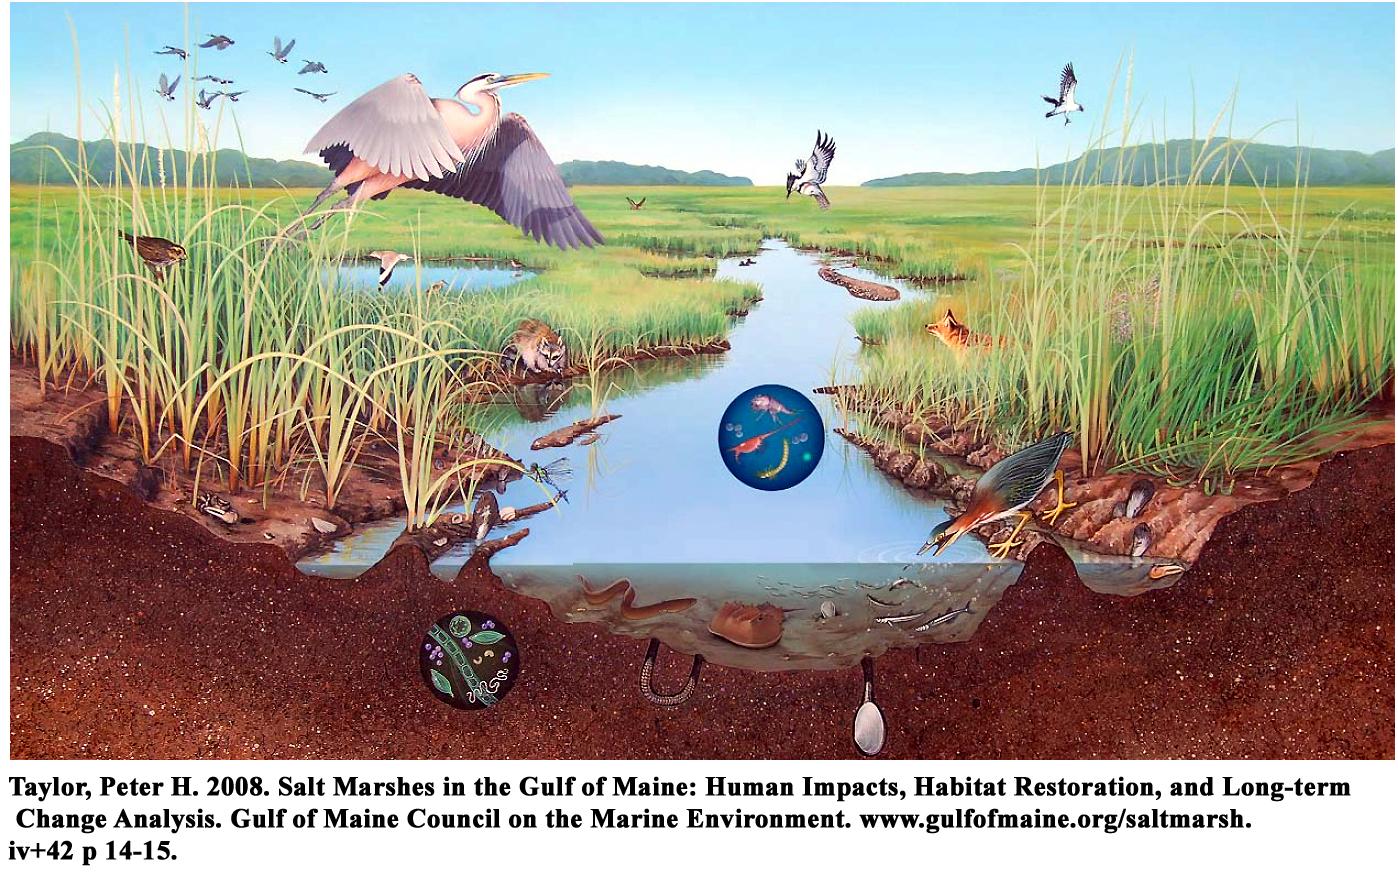 Creatures of the Salt Marsh.